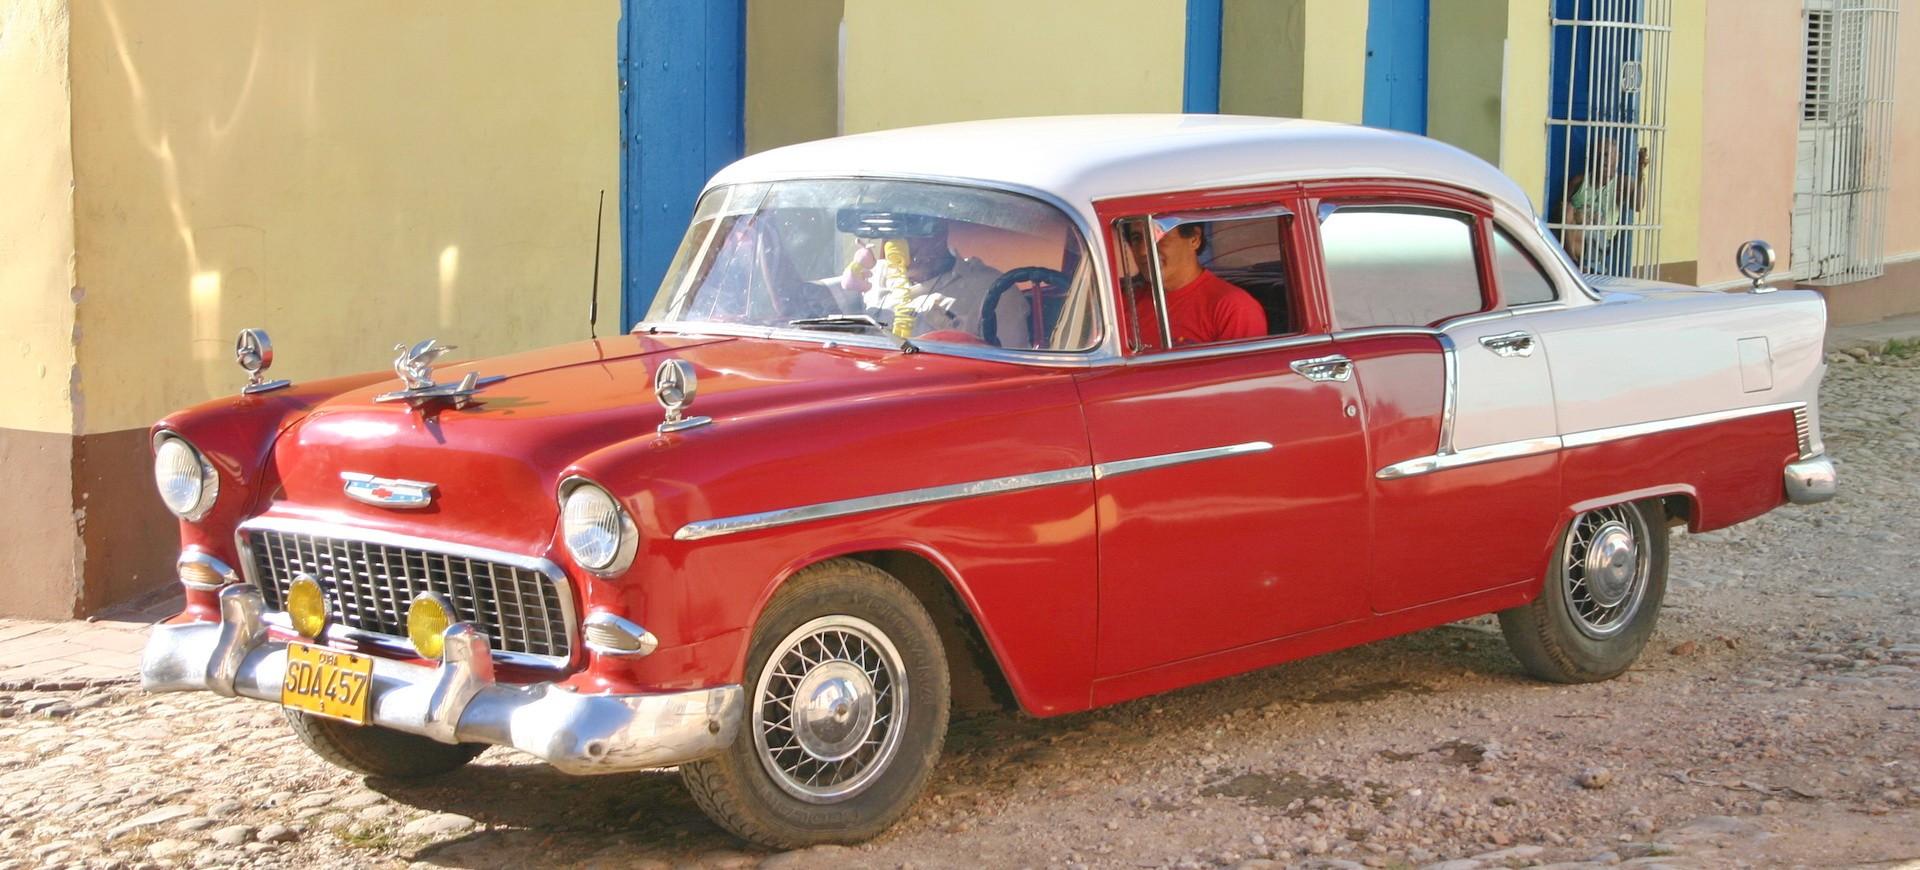 Une vieille voiture américaine à Trinidad